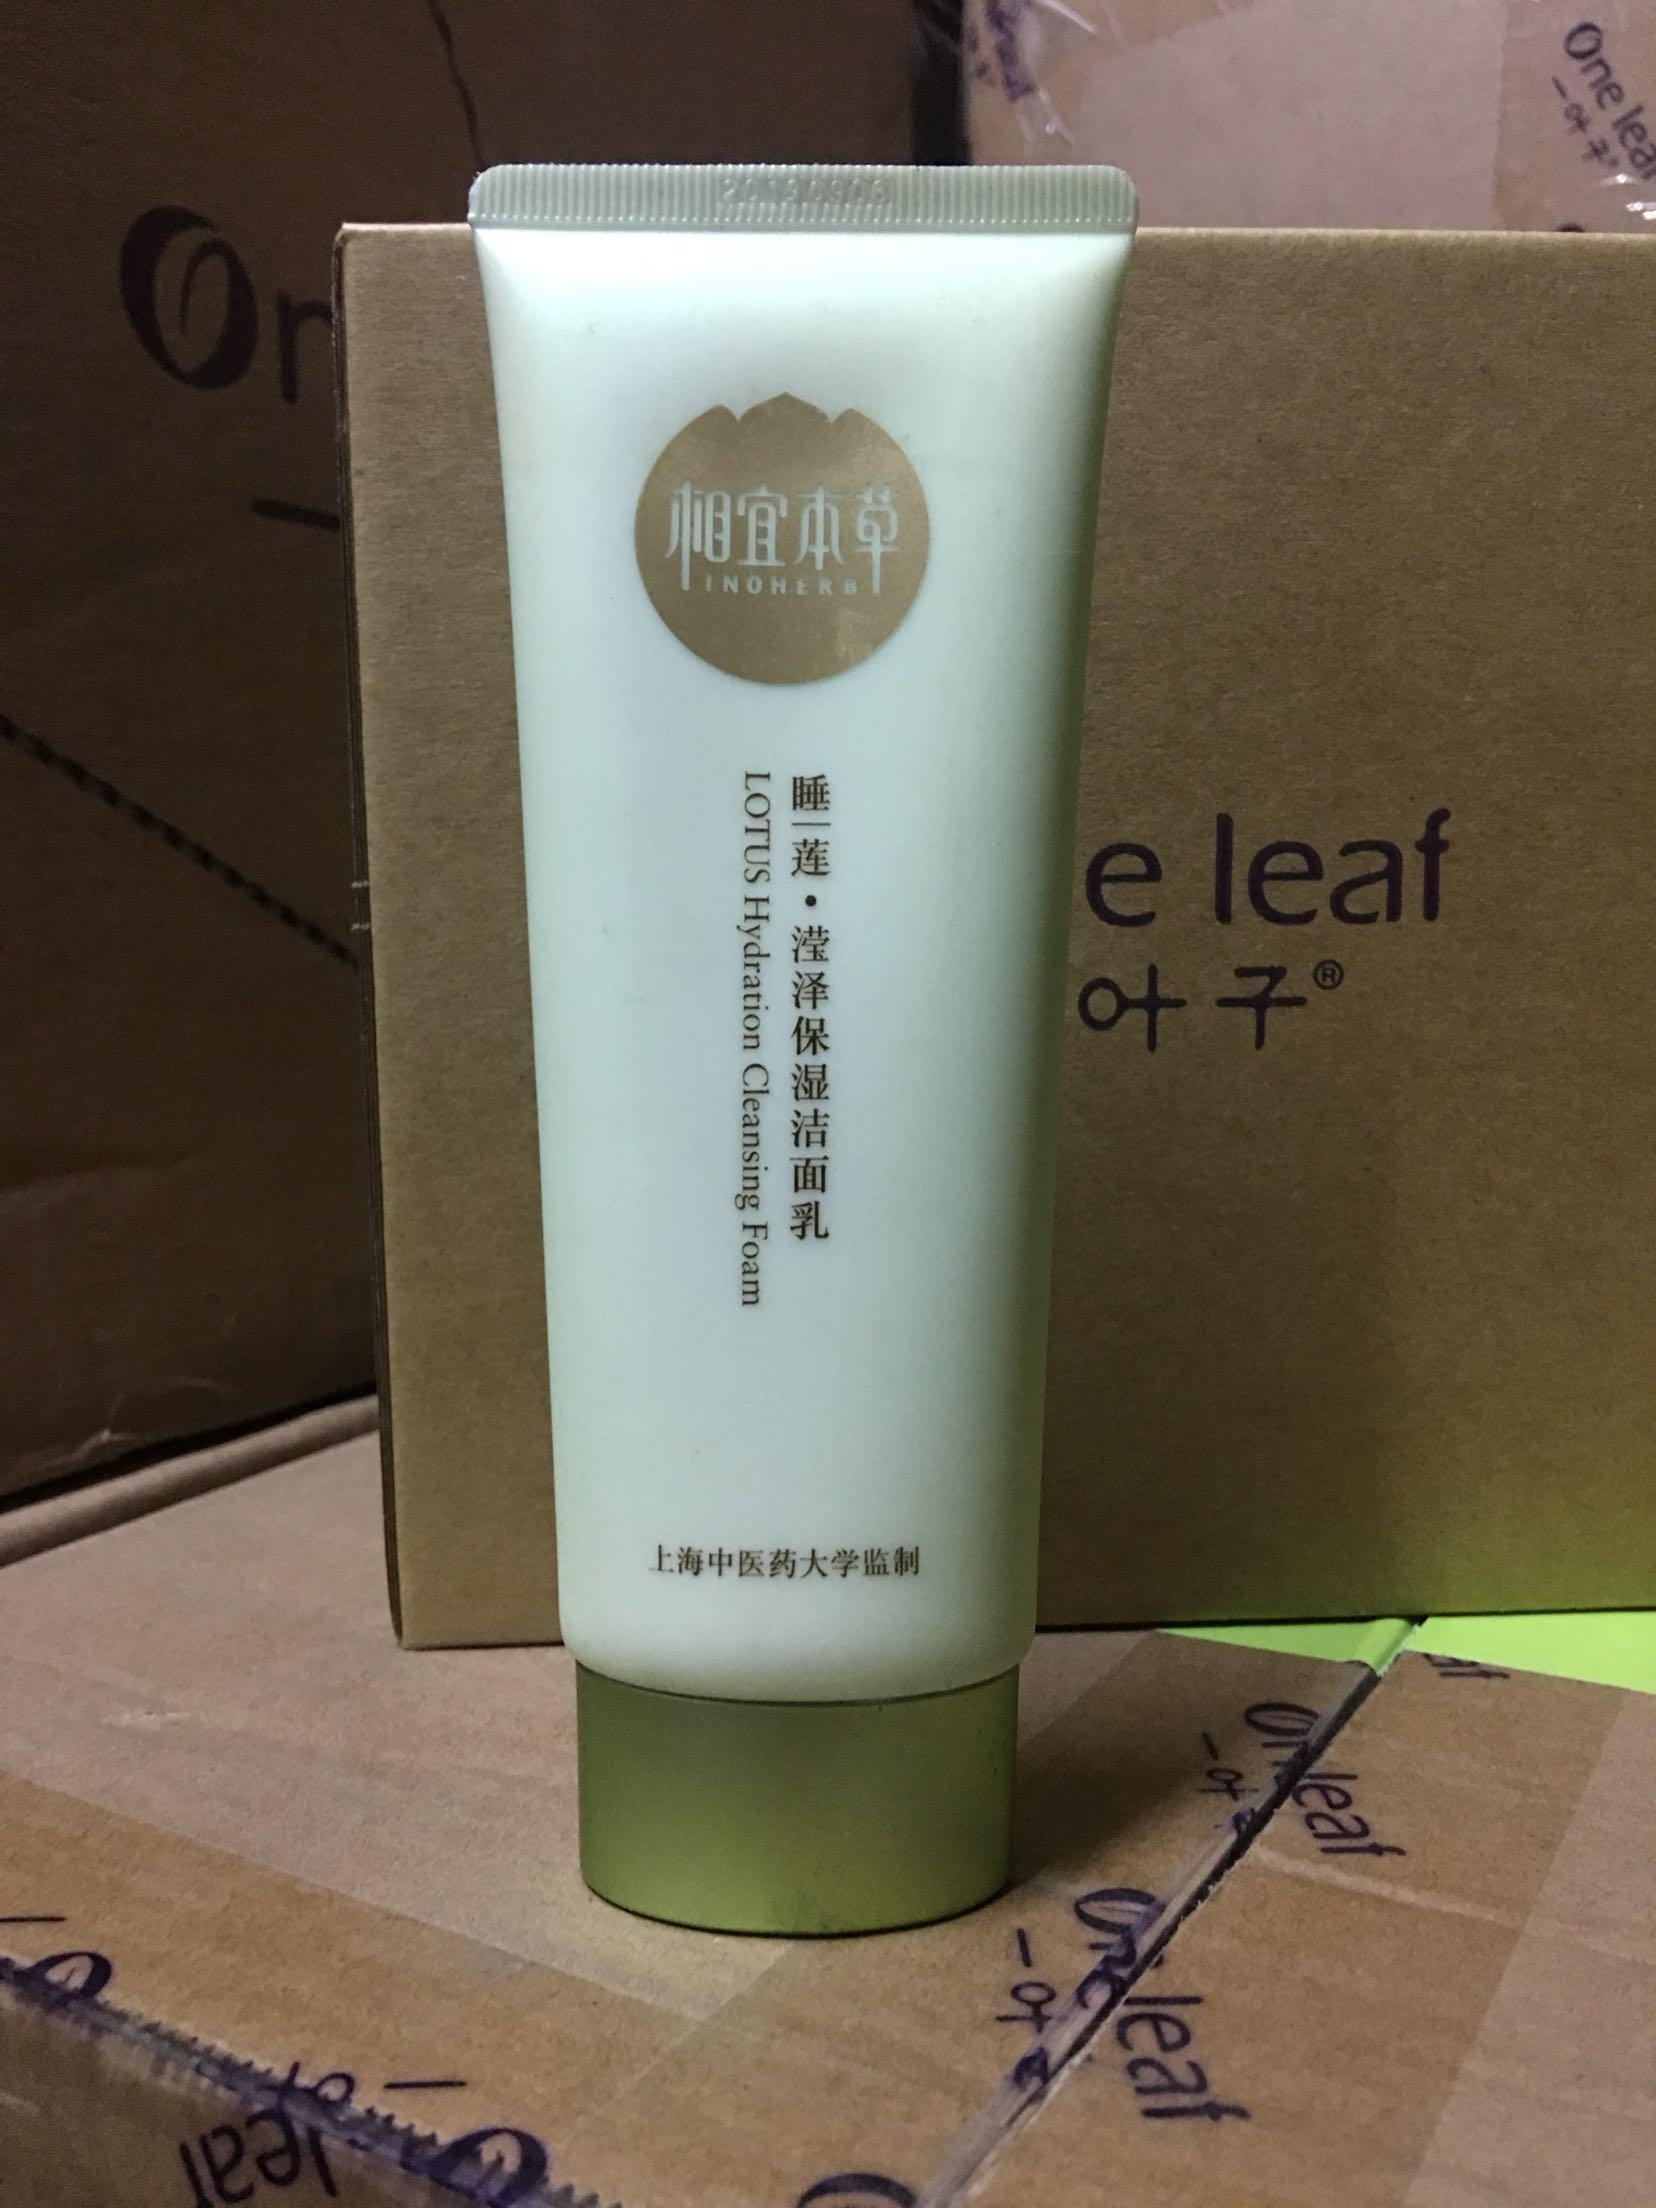 相宜本草睡蓮瀅澤保濕潔面乳女補水深層祛除油脂無皂配方溫和清爽